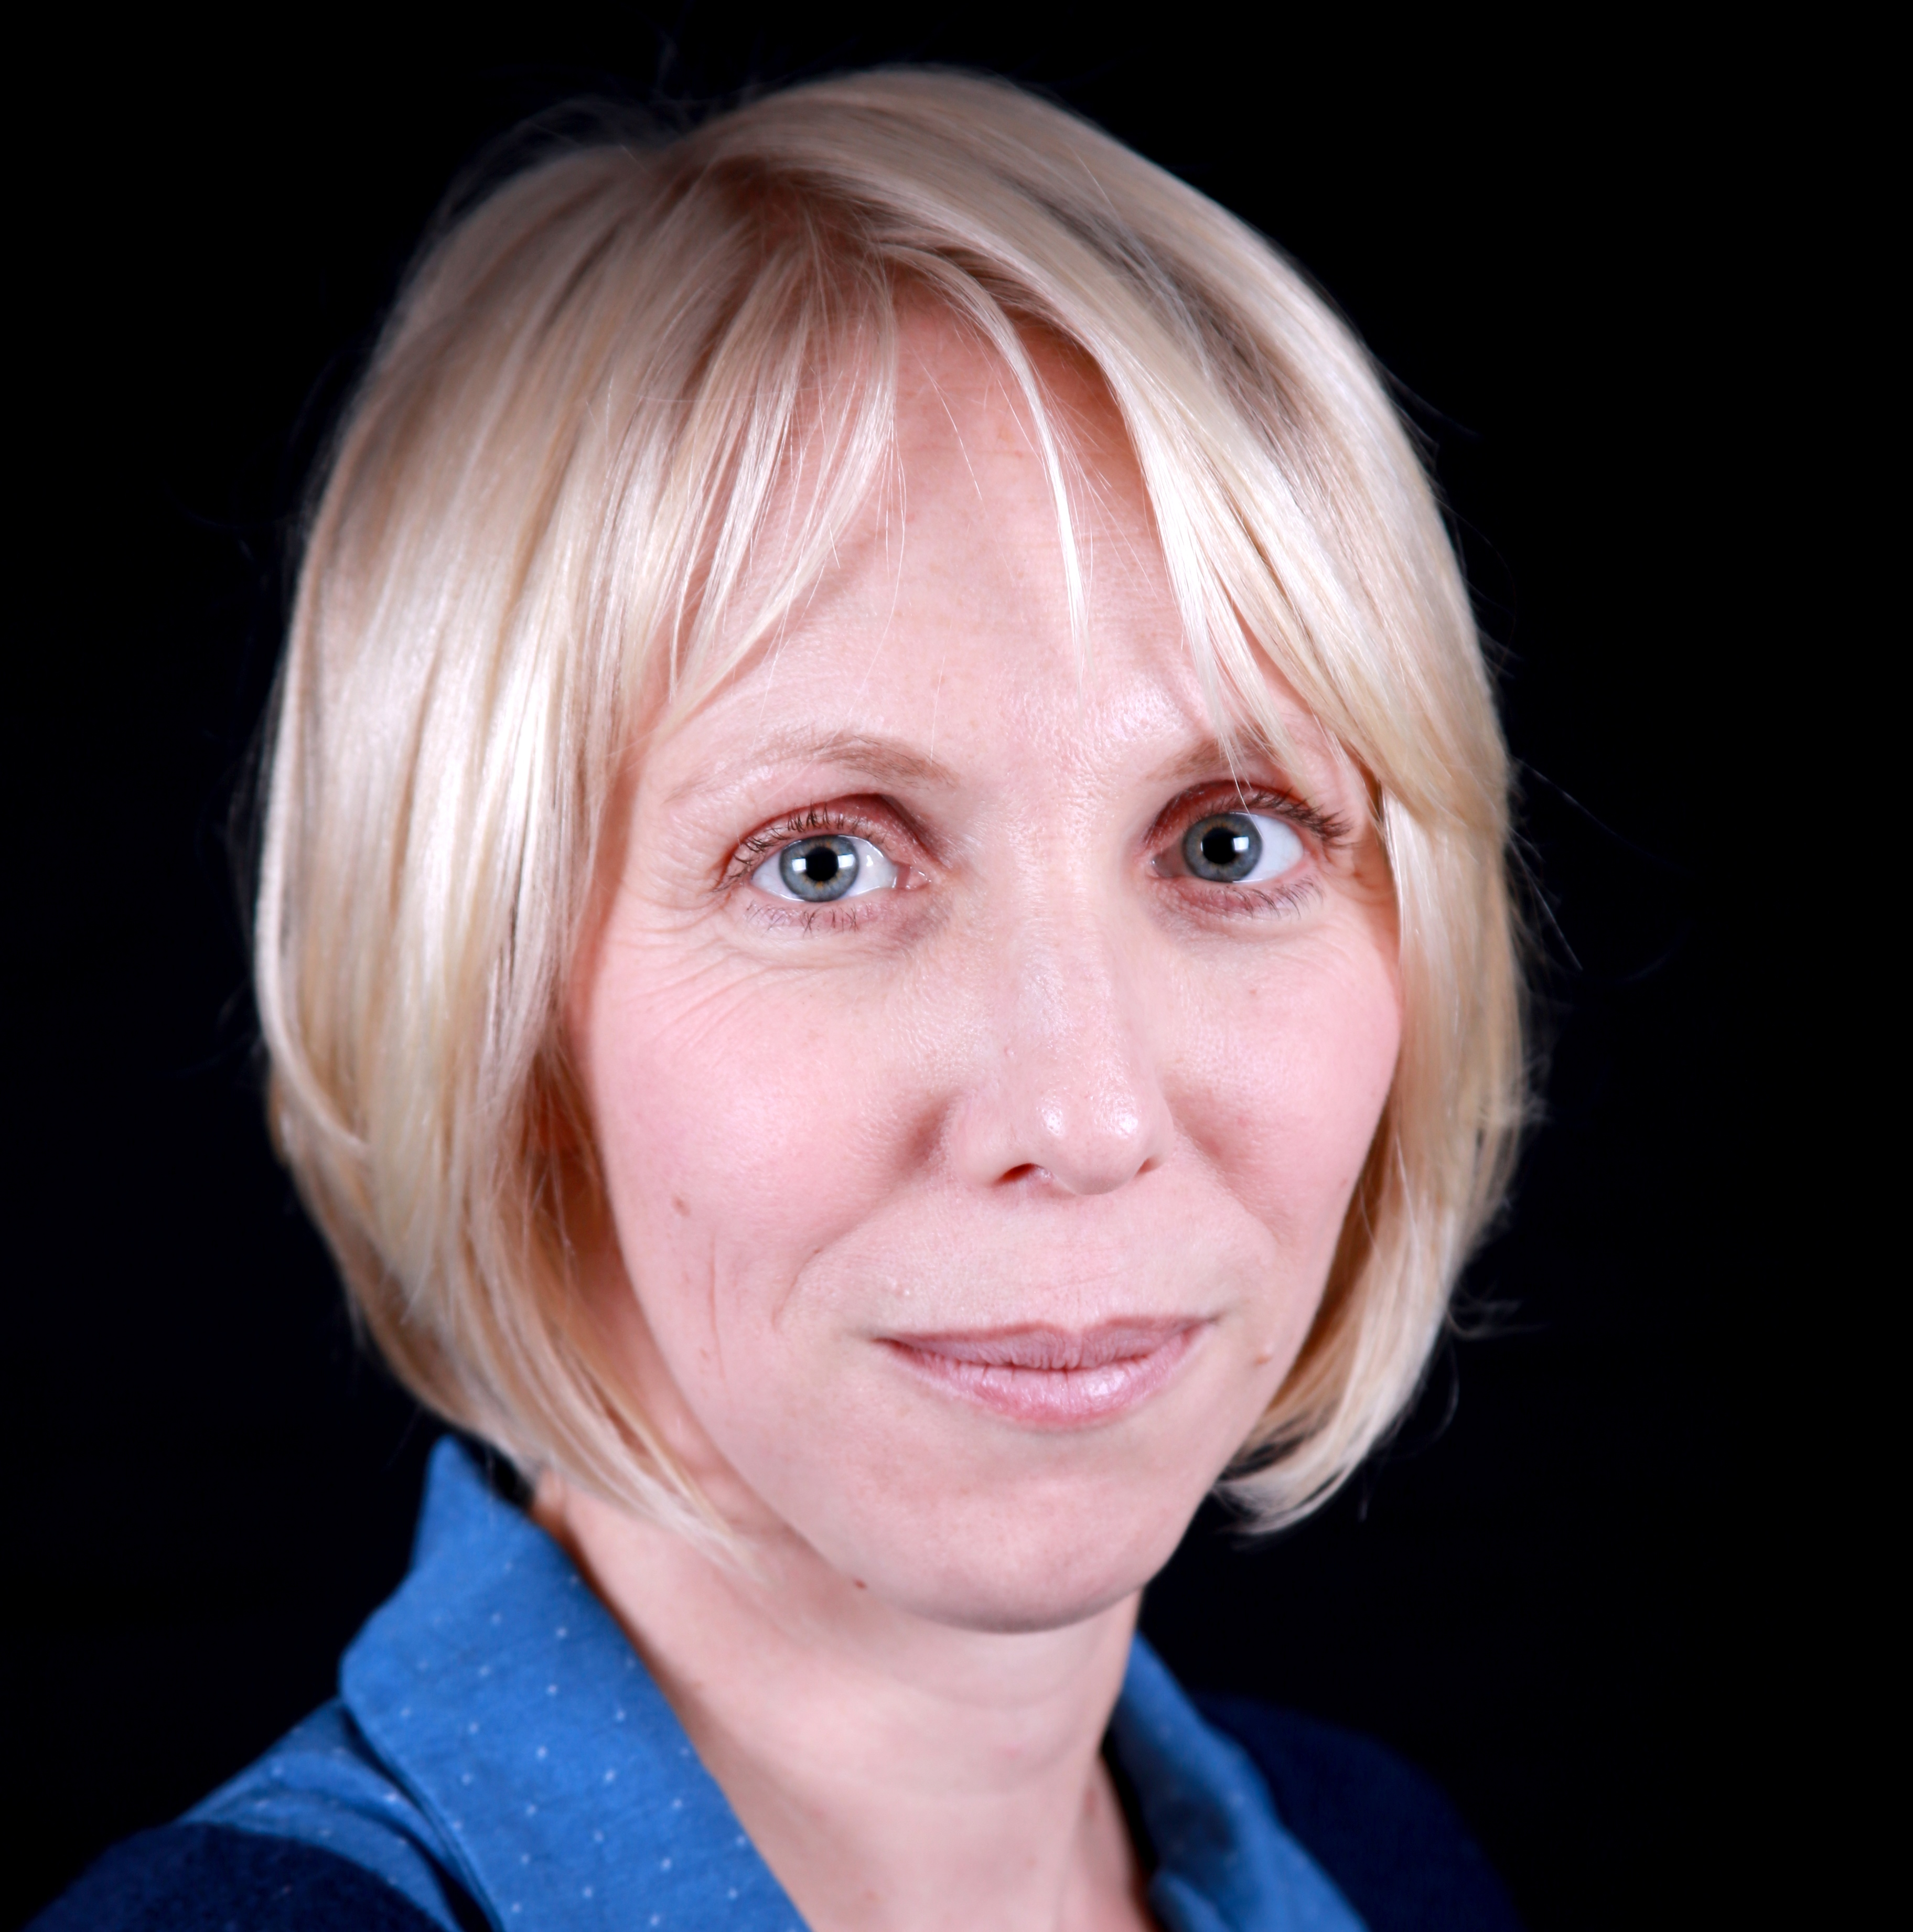 Portrait de Julie GAUCHER - autrice présente au Salon du Livre de Royat-Chamalières 2019